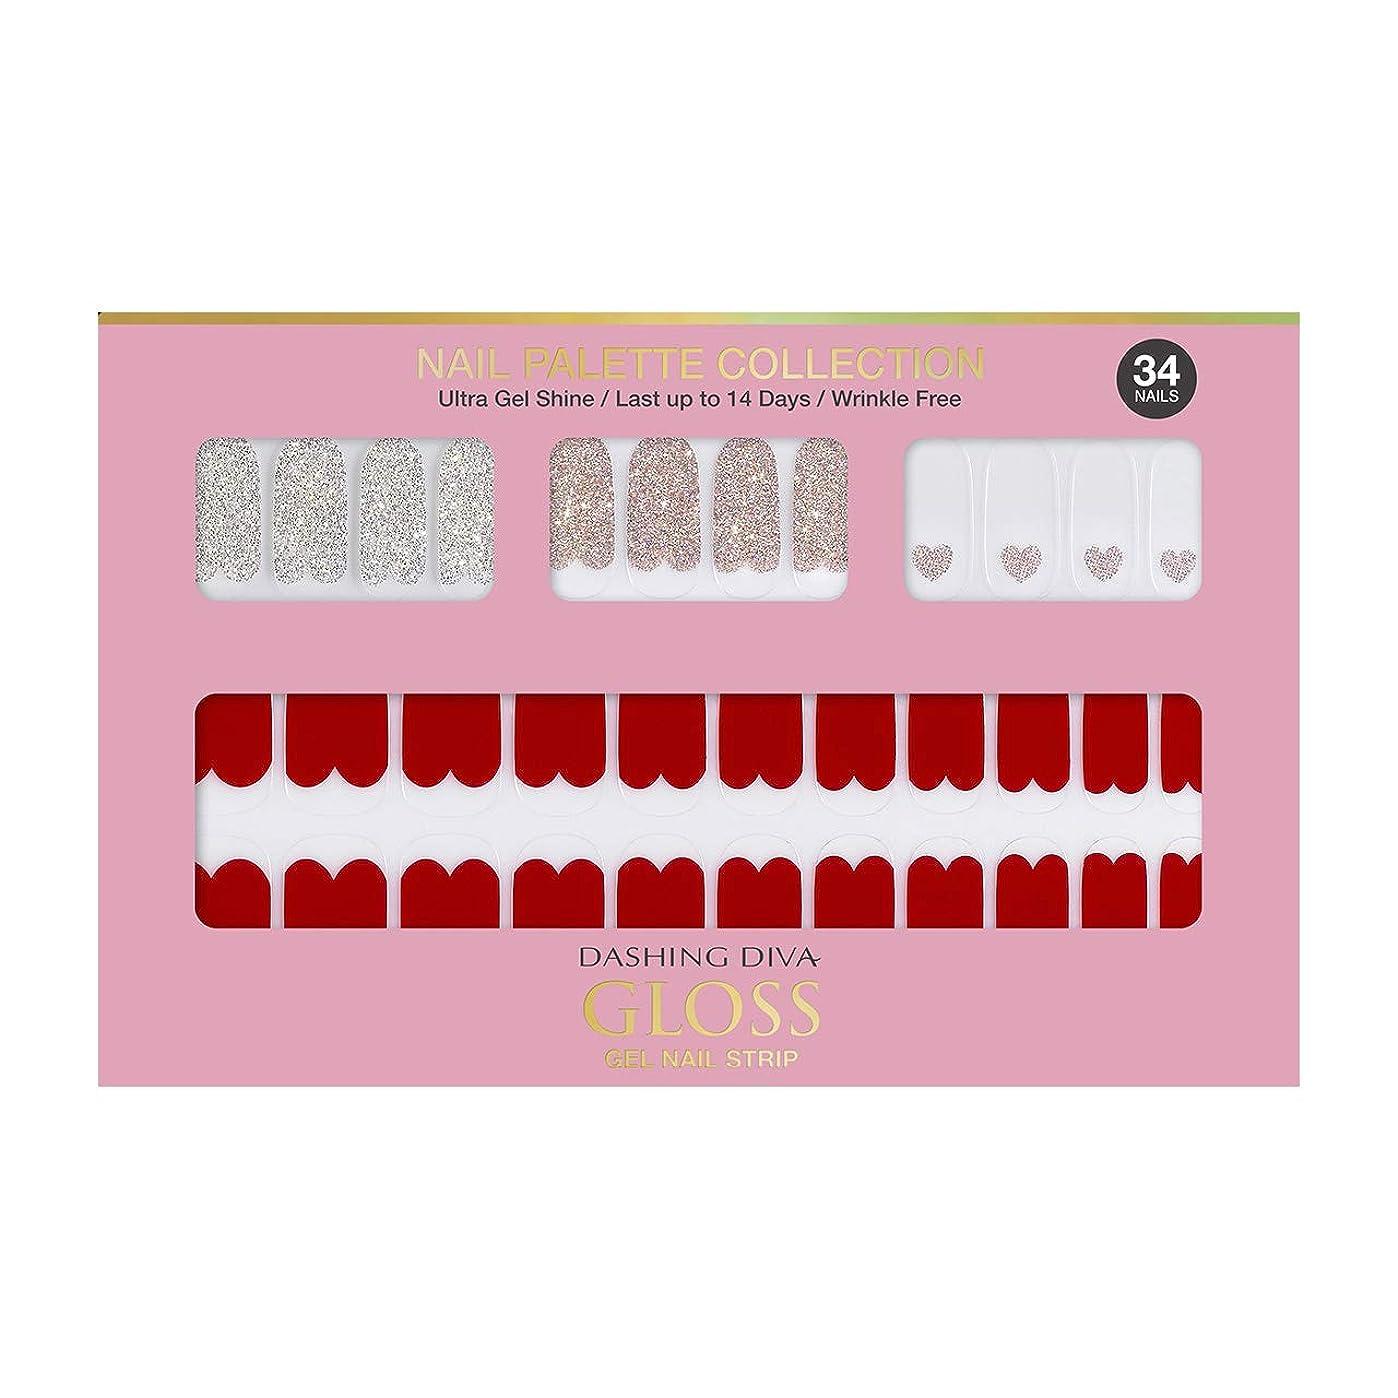 負荷圧倒的エールダッシングディバ グロスジェル ネイルストリップ DASHING DIVA Gloss Gel Nail Strip DGNP05-DURY+ オリジナルジェル ネイルシール Rosy #05 Red Shorts